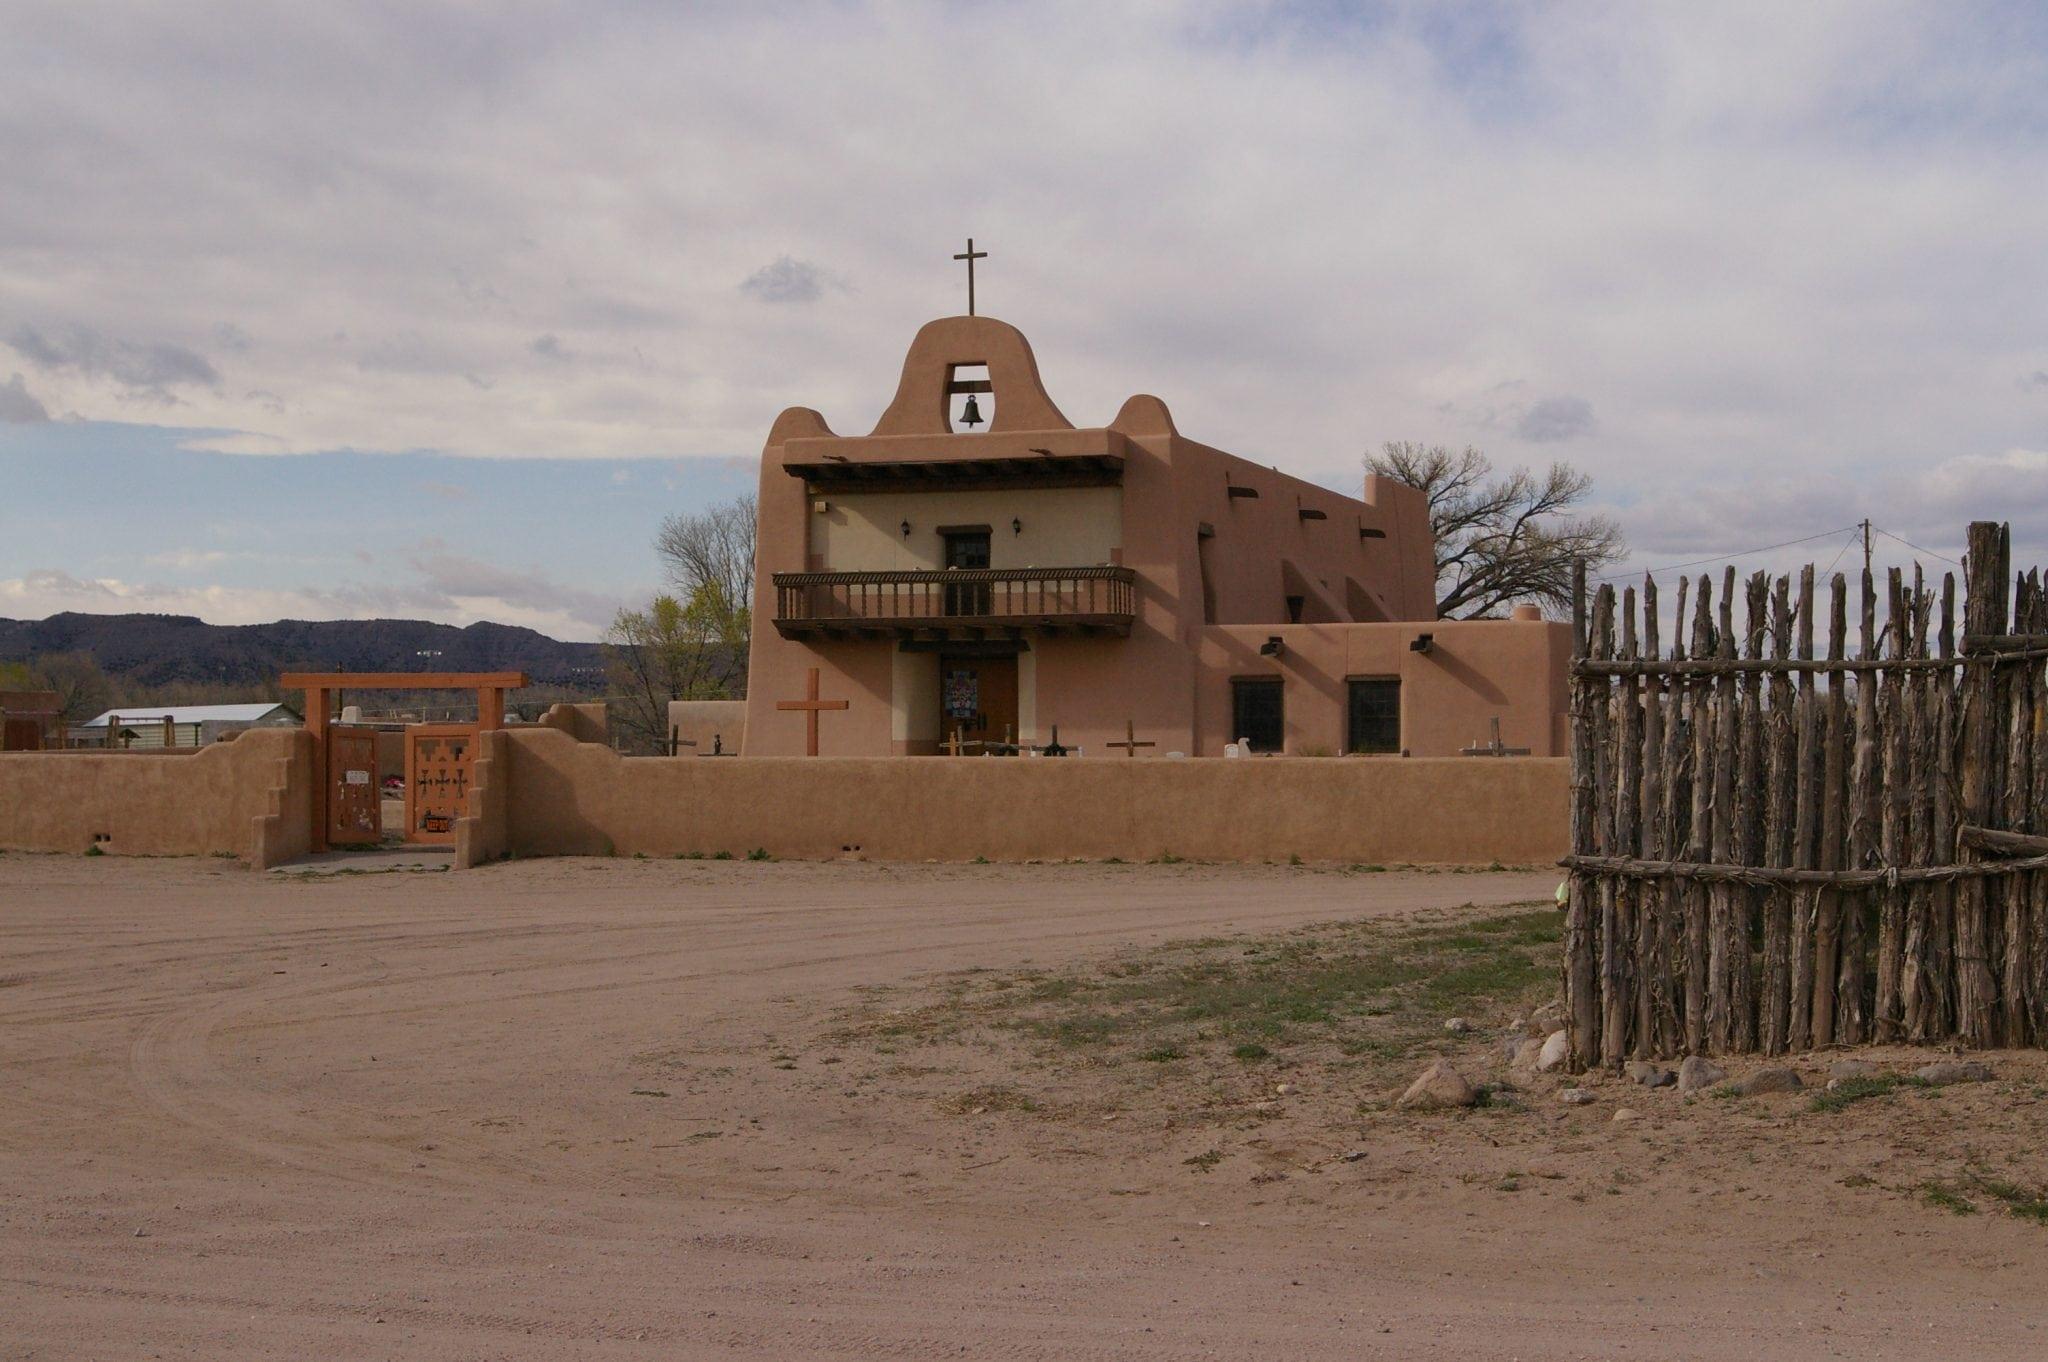 Tewa Missions / Northern Pueblos, Santa Fe